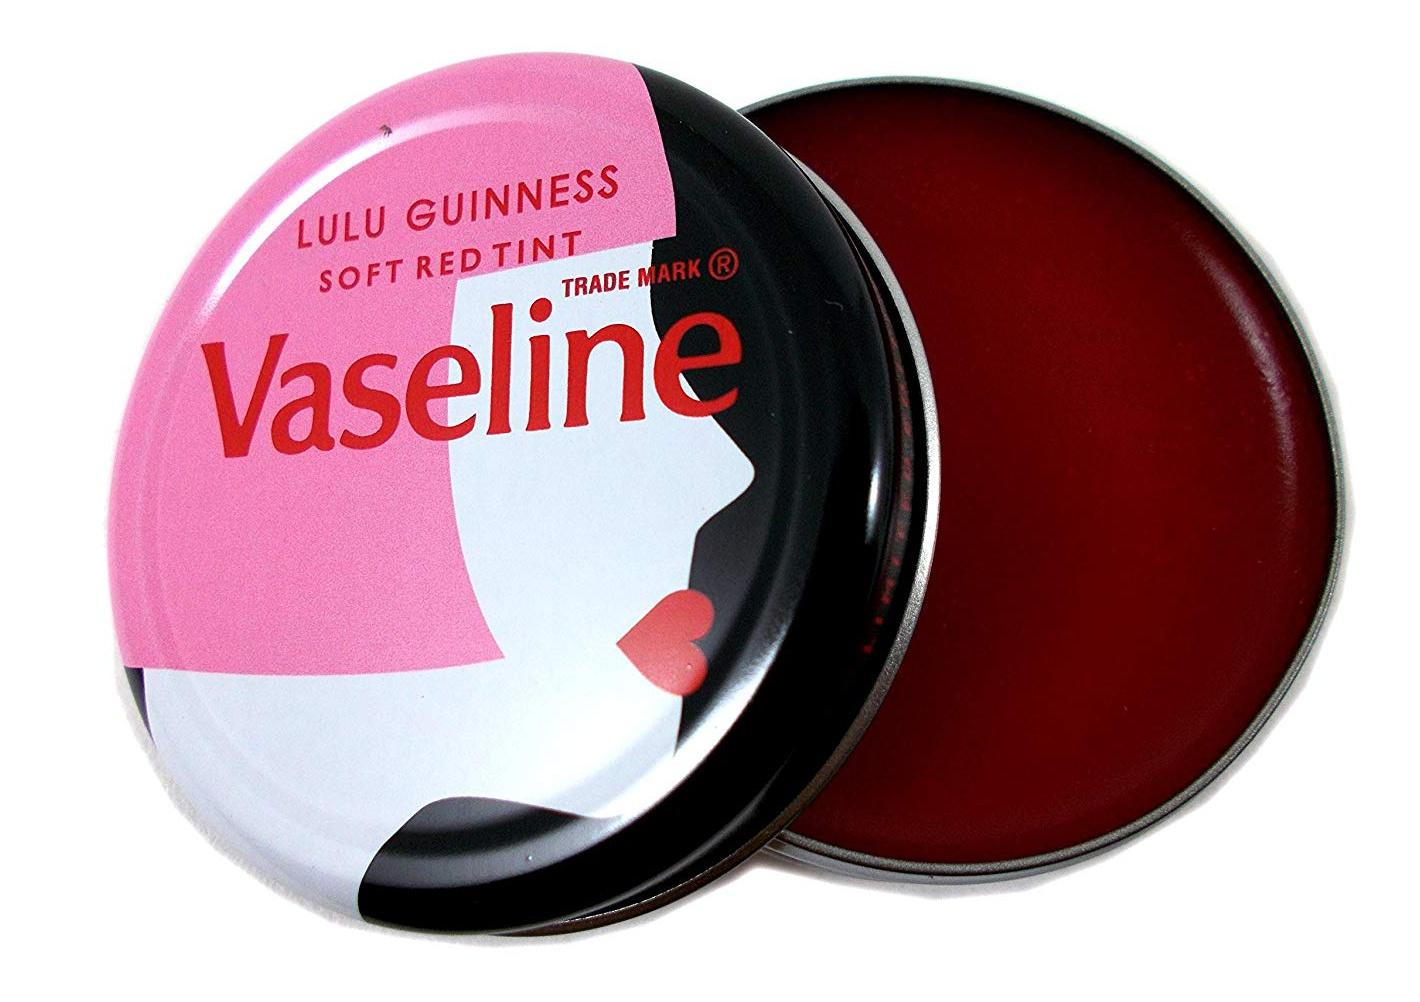 Vaseline Lulu Guinness Soft Red Tint